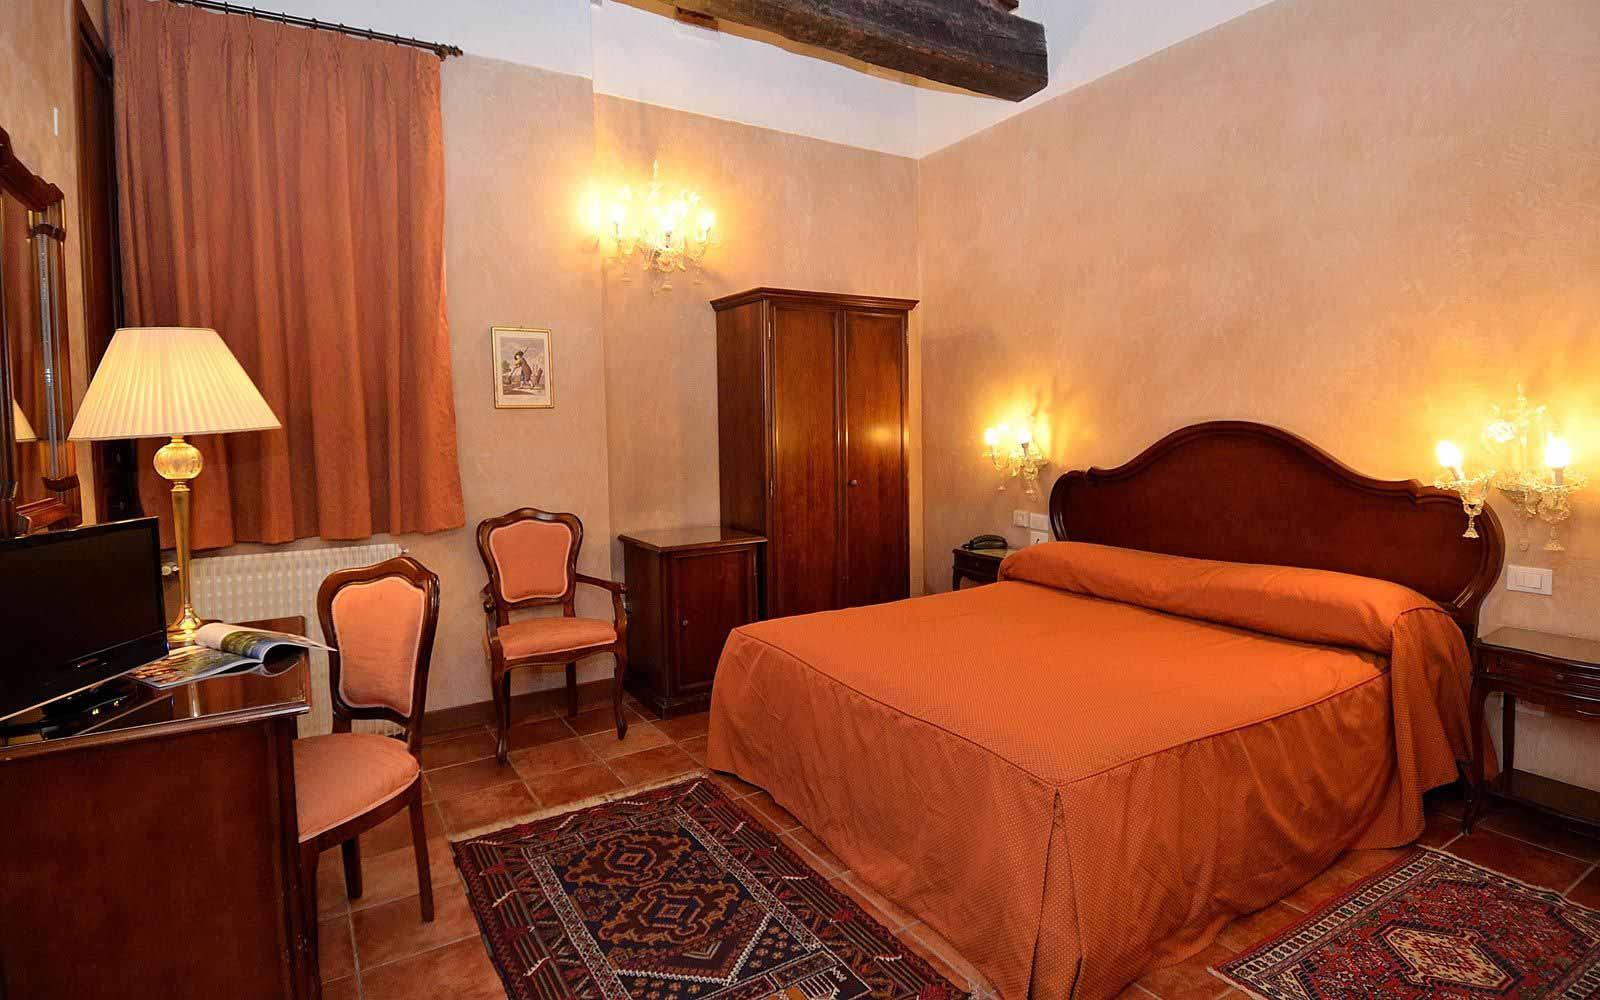 Standard room at Hotel Locanda La Corte